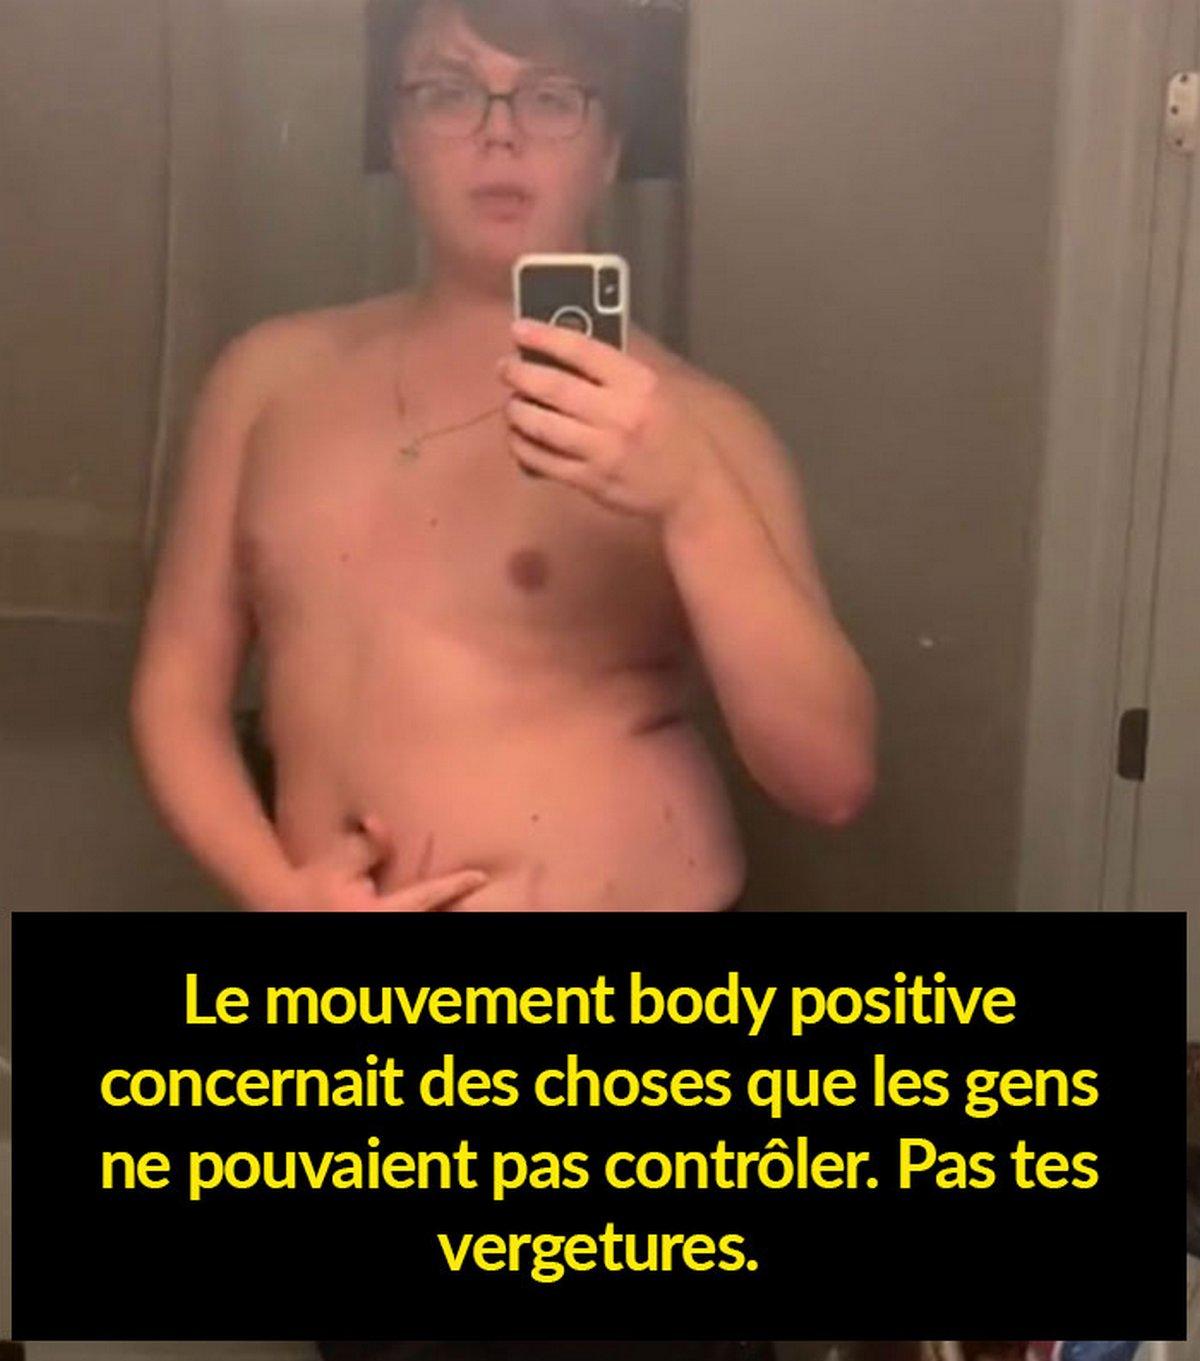 «Il n'y a rien de positif là-dedans» : cet homme explique pourquoi les gens ne devraient pas glorifier les corps en surpoids